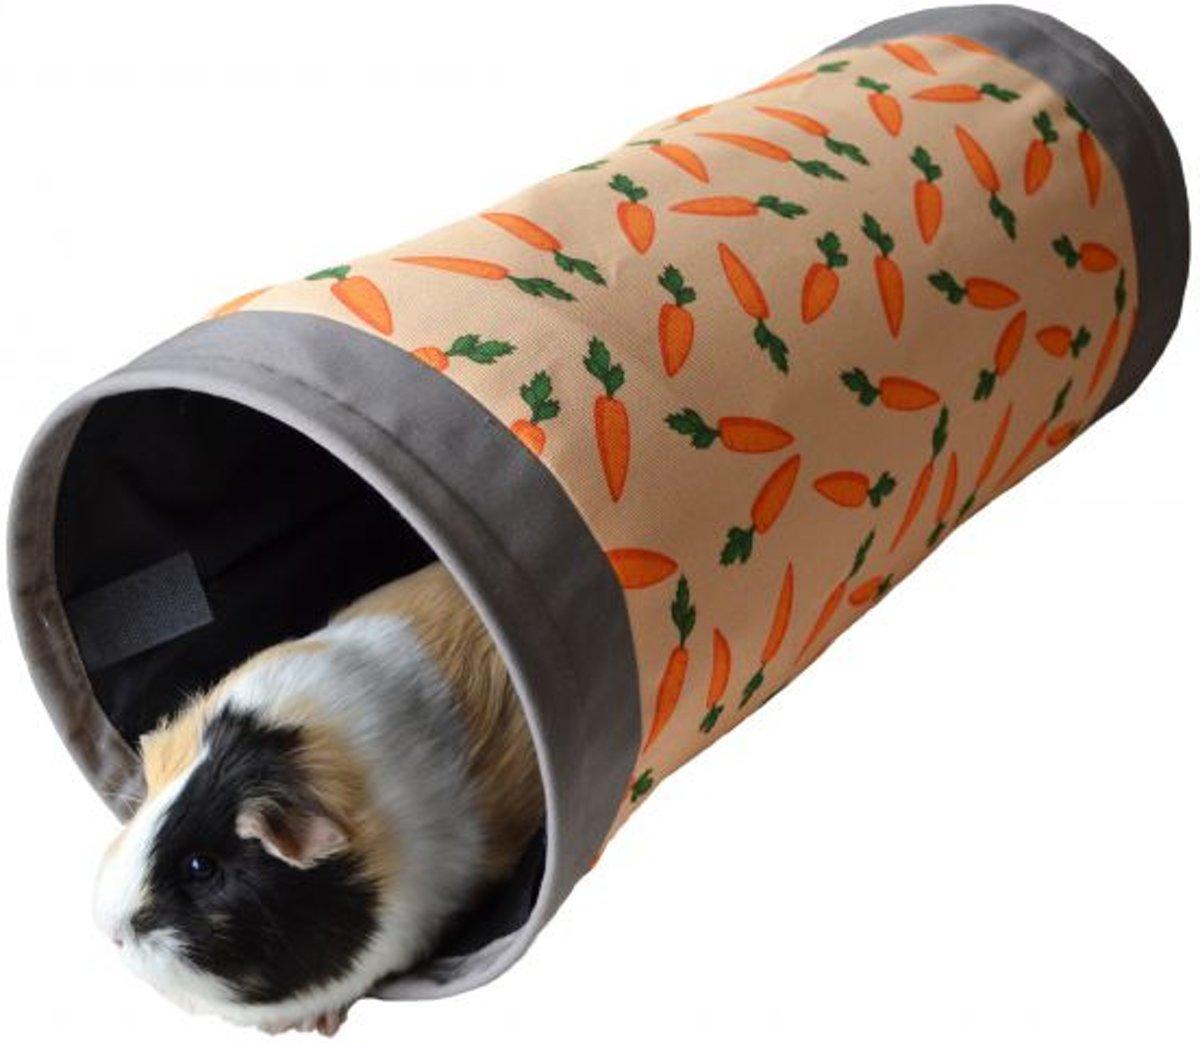 Rosewood Knaagdier Tunnel Wortelprint - Knaagdierspeelgoed - Grijs / Oranje - 50 x 22 x 22 cm